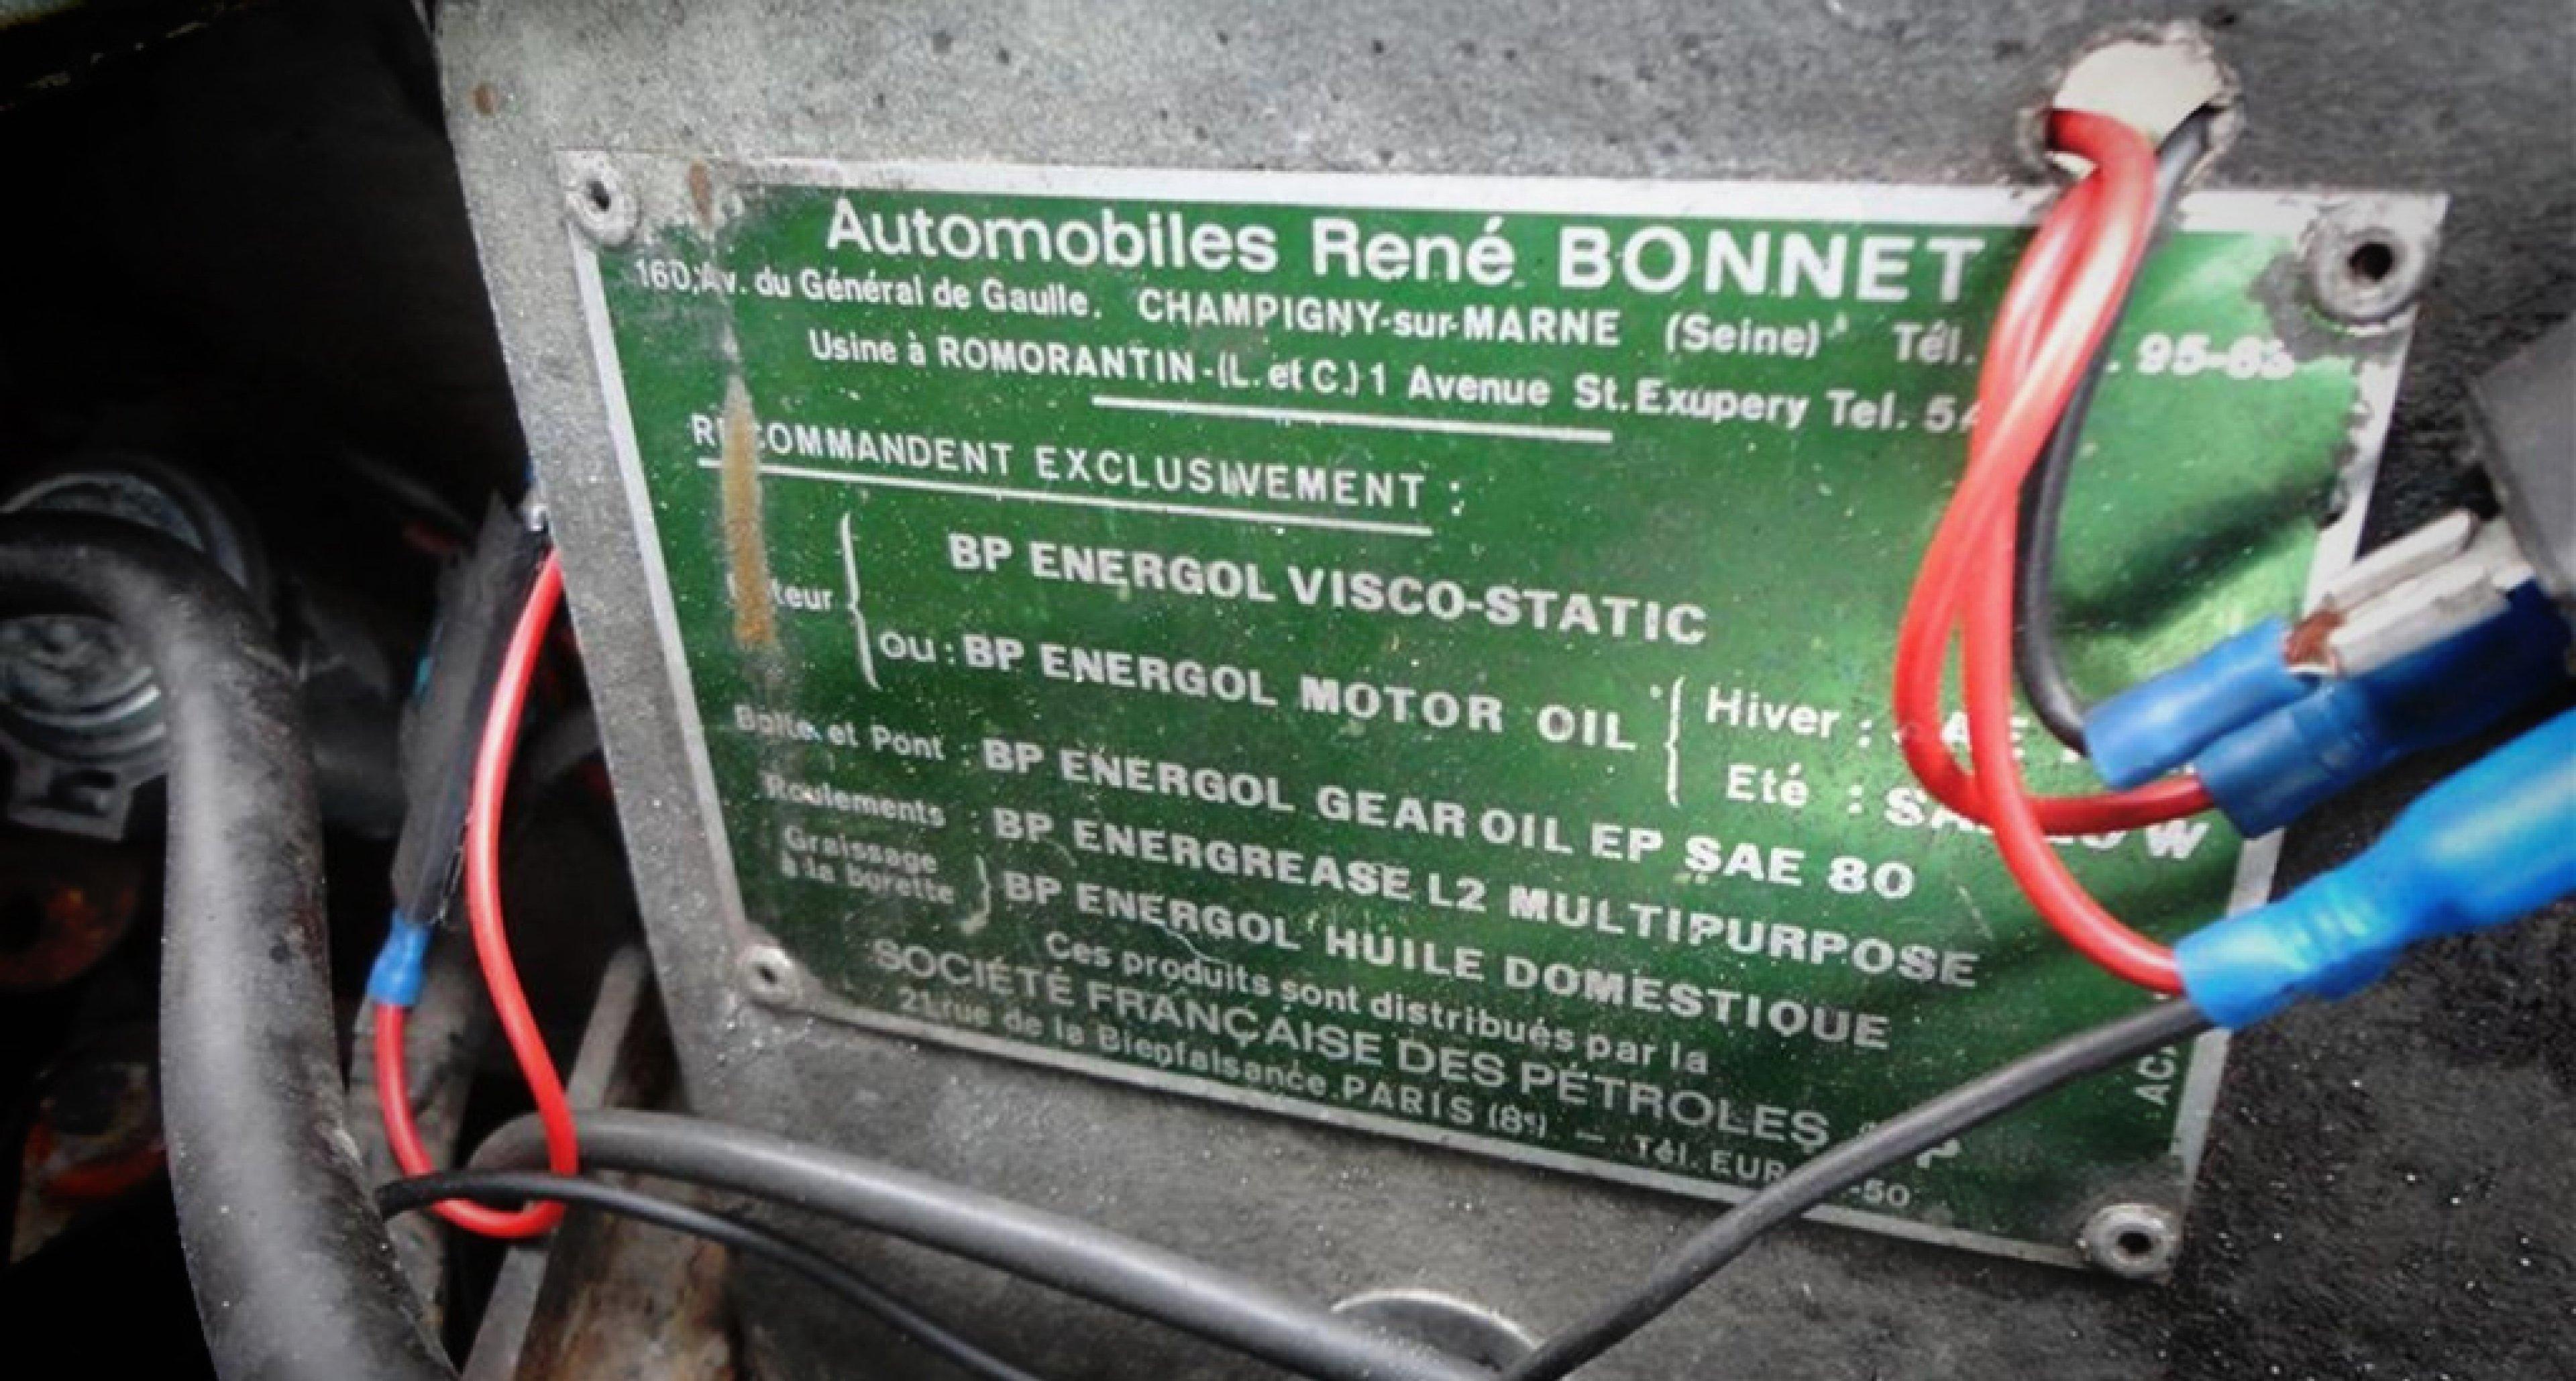 1965 René Bonnet Missile Restoration Project